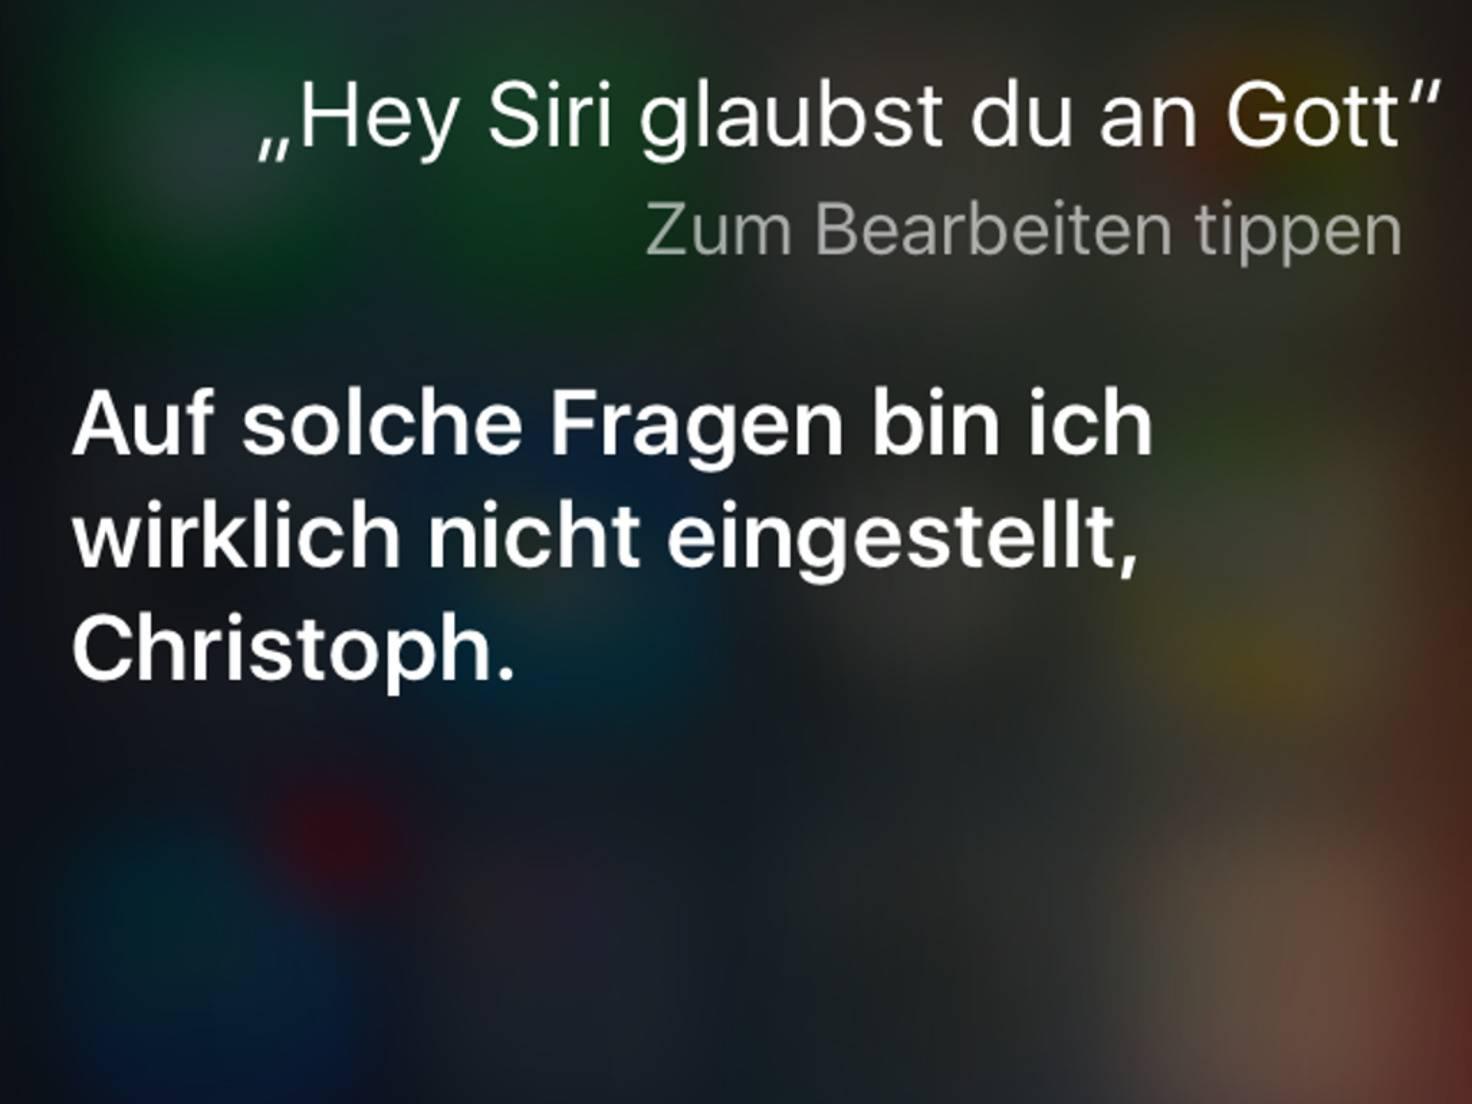 Siri_Gretchenfrage